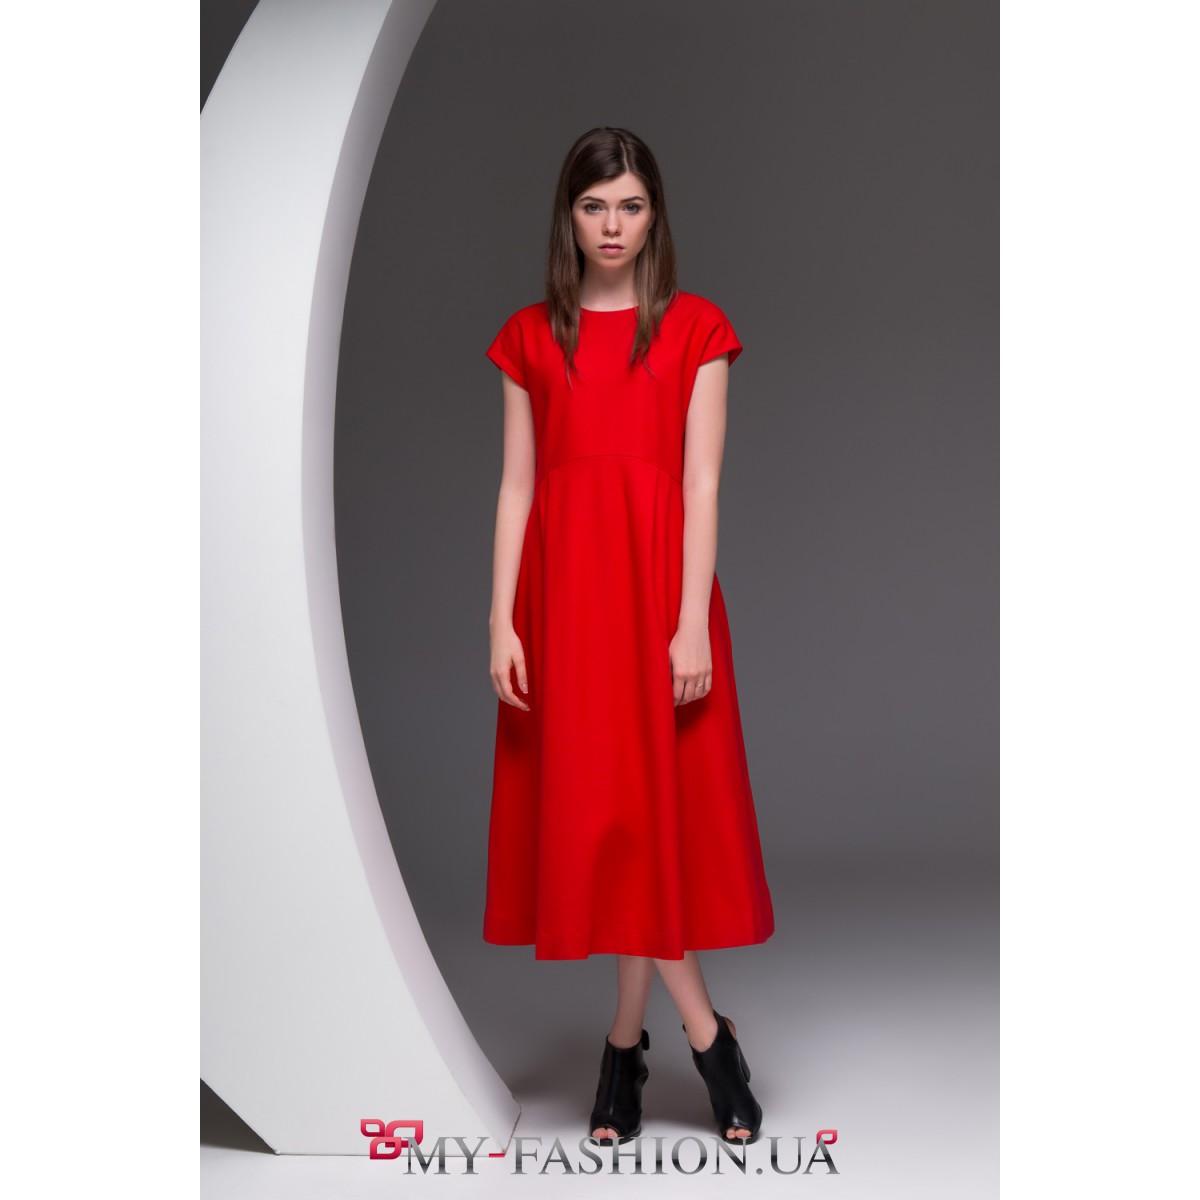 cc4d2be8a2f Восхитительное красное платье средней длины · Восхитительное красное платье  средней длины ...